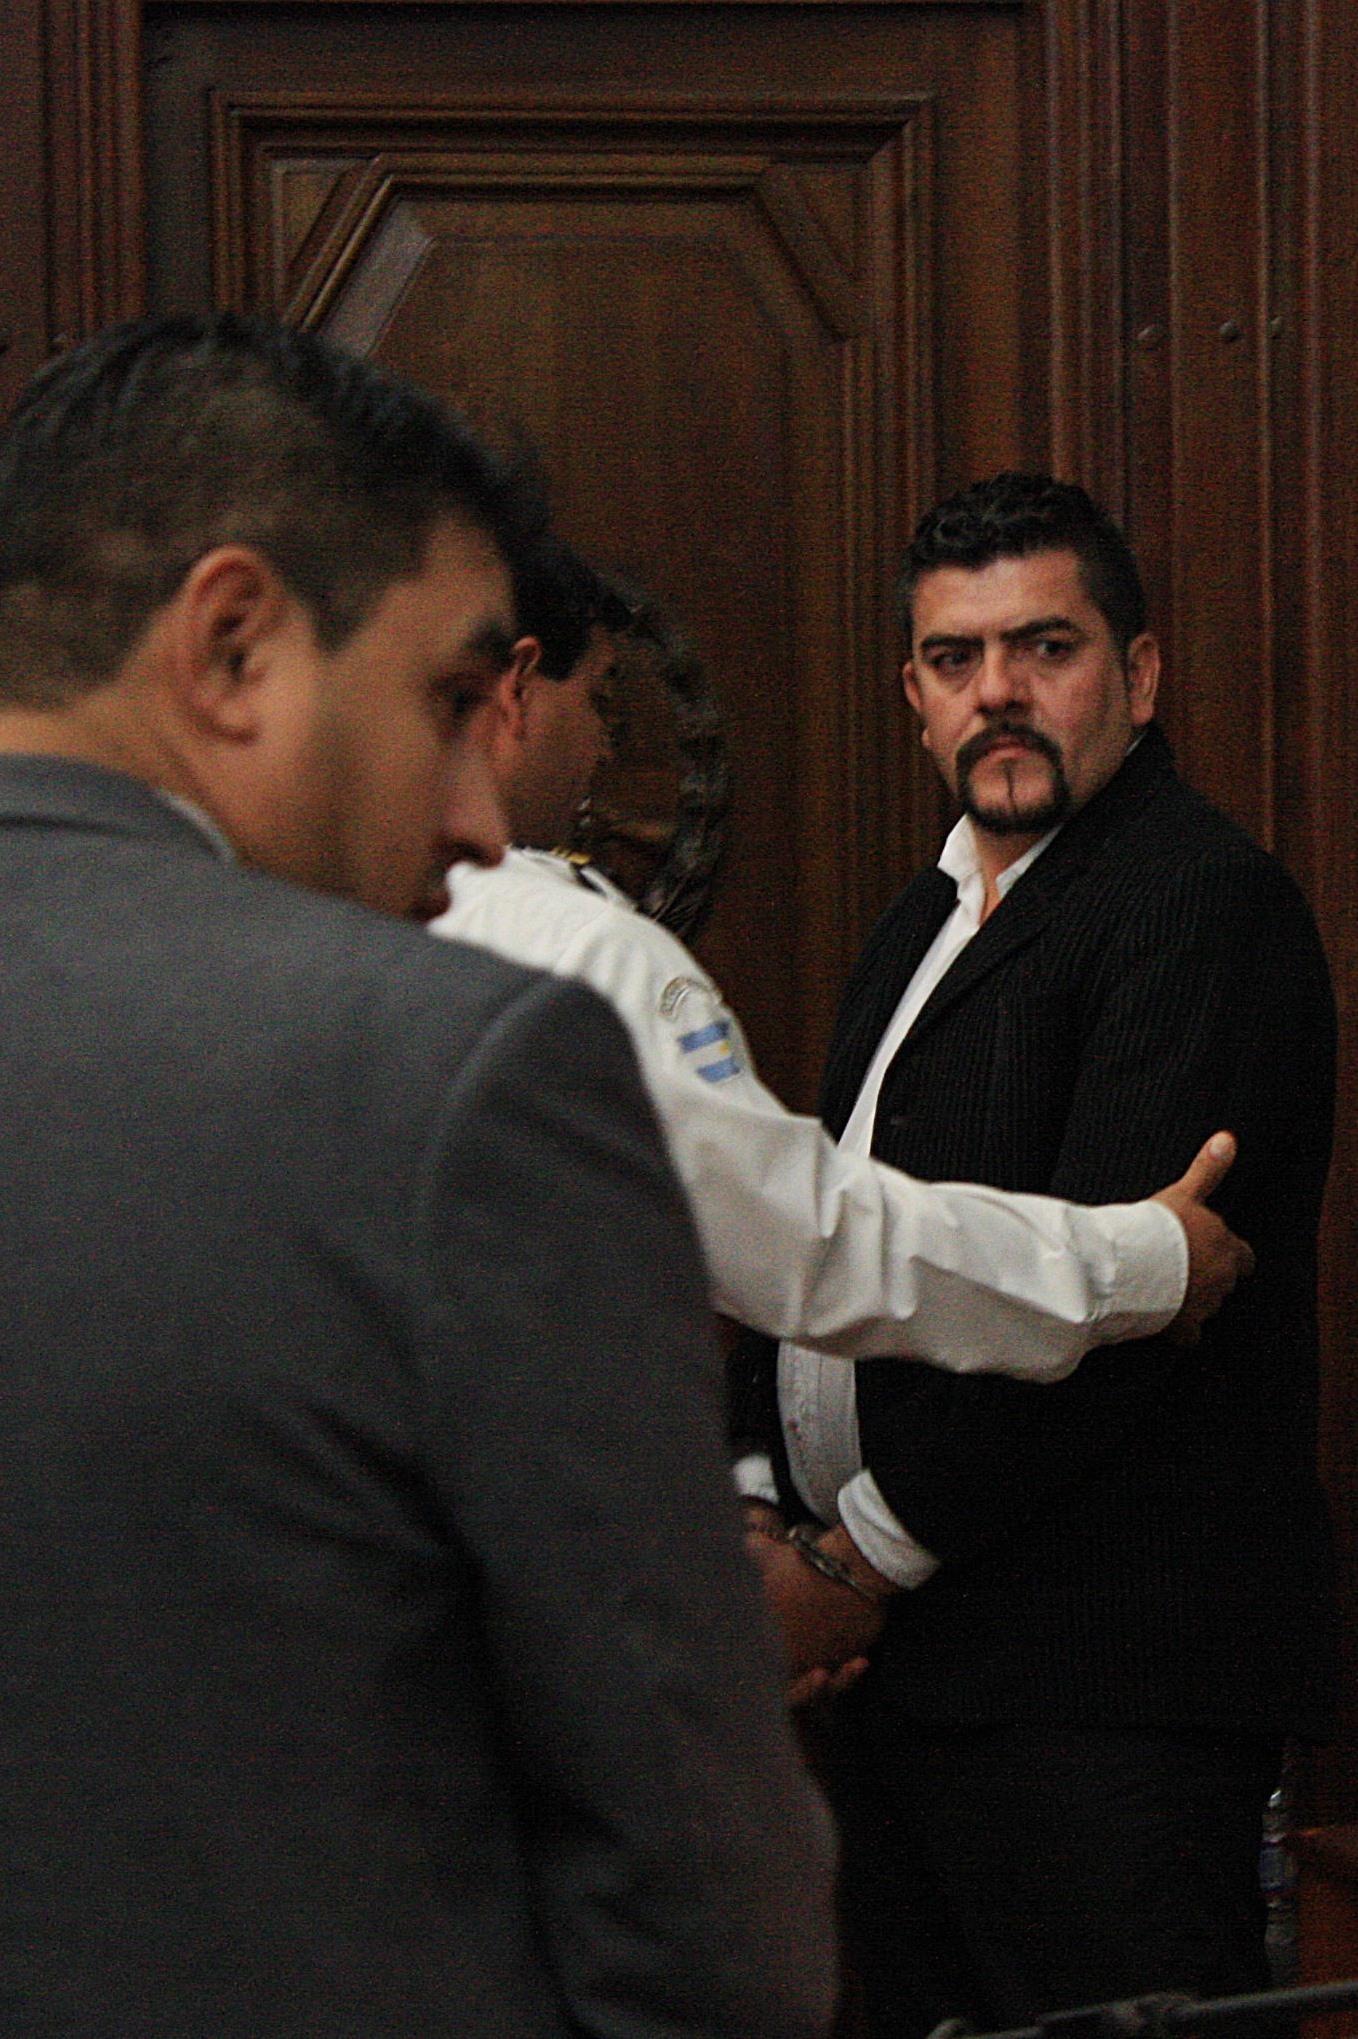 El tribunal decidió la inmediata detención de Becero, Monserrat y González y su traslado a Villa Urquiza.